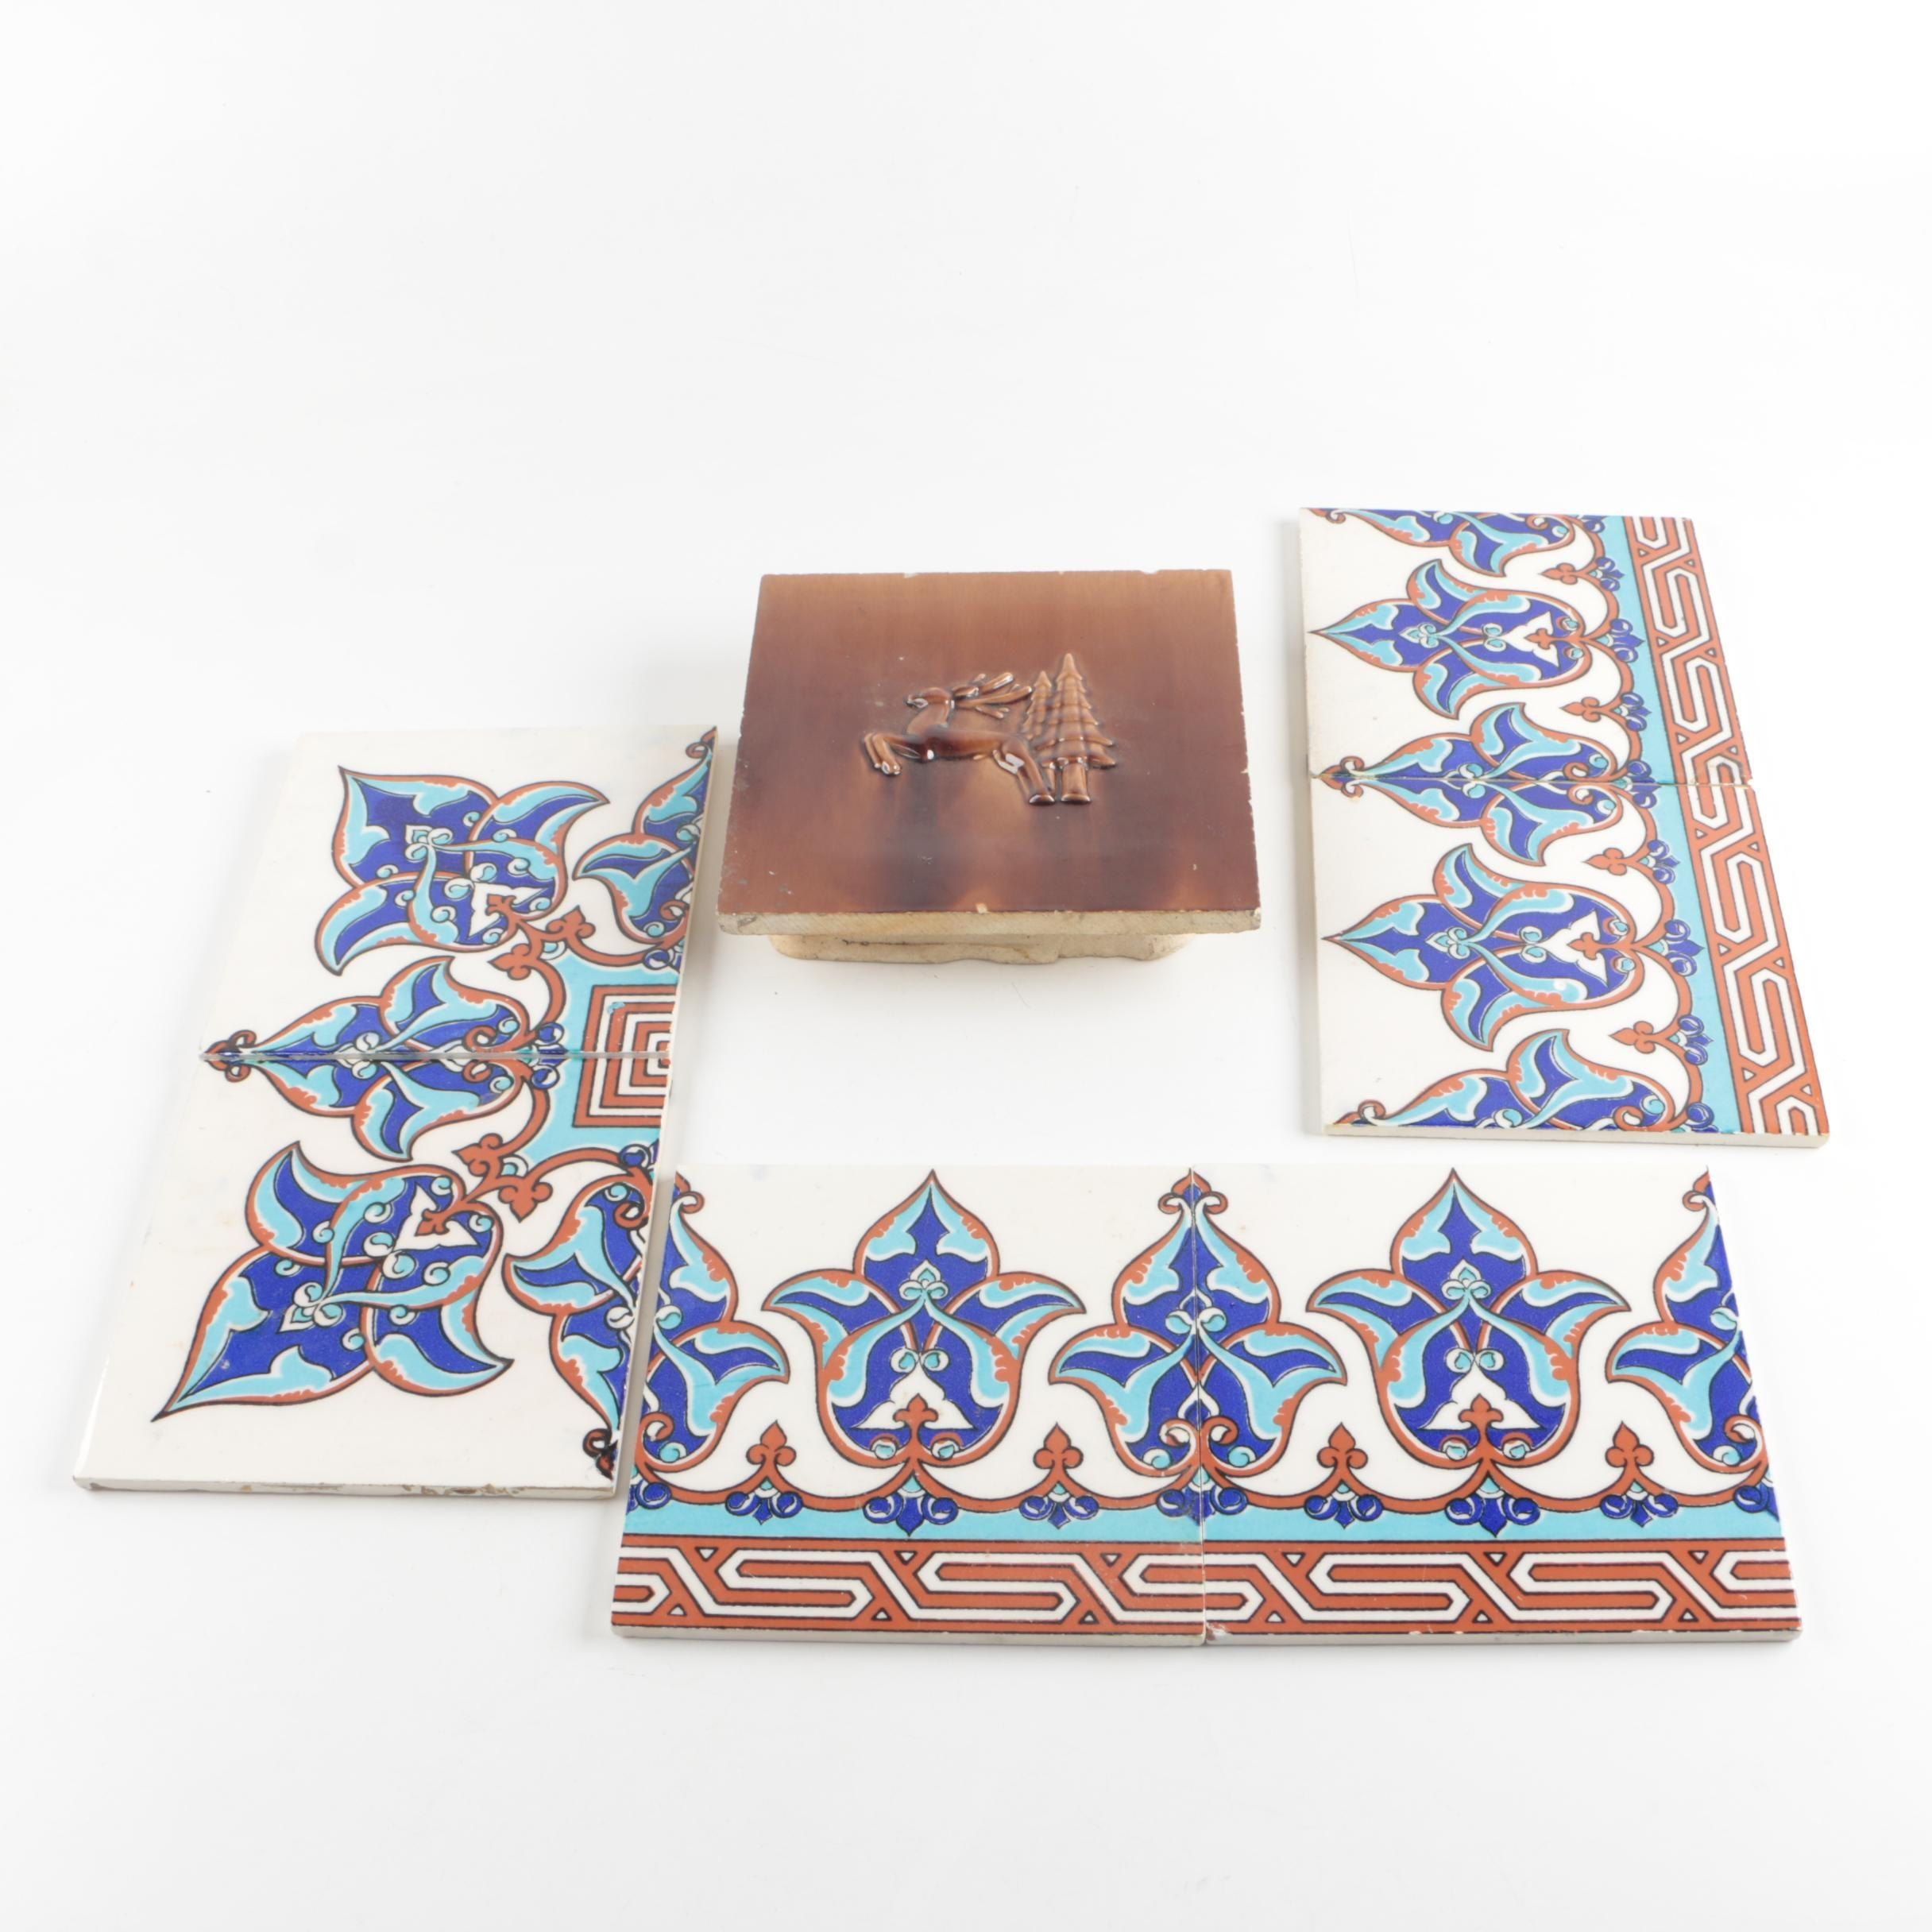 Decorative Tiles featuring Turkish Kutahya